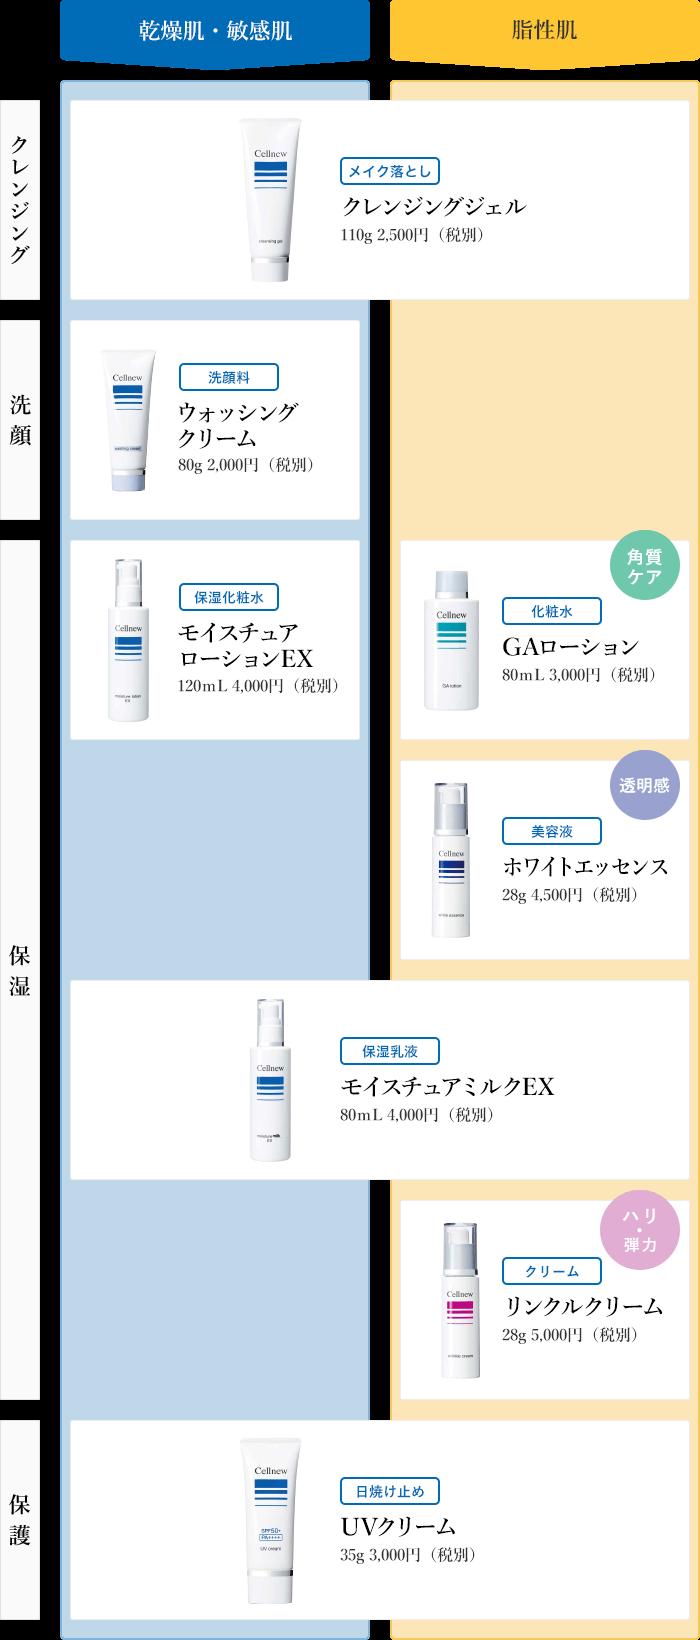 タイプ:乾燥肌・敏感肌/脂性肌 目的に合わせて選択、アイテム:クレンジング/洗顔/保湿/保護